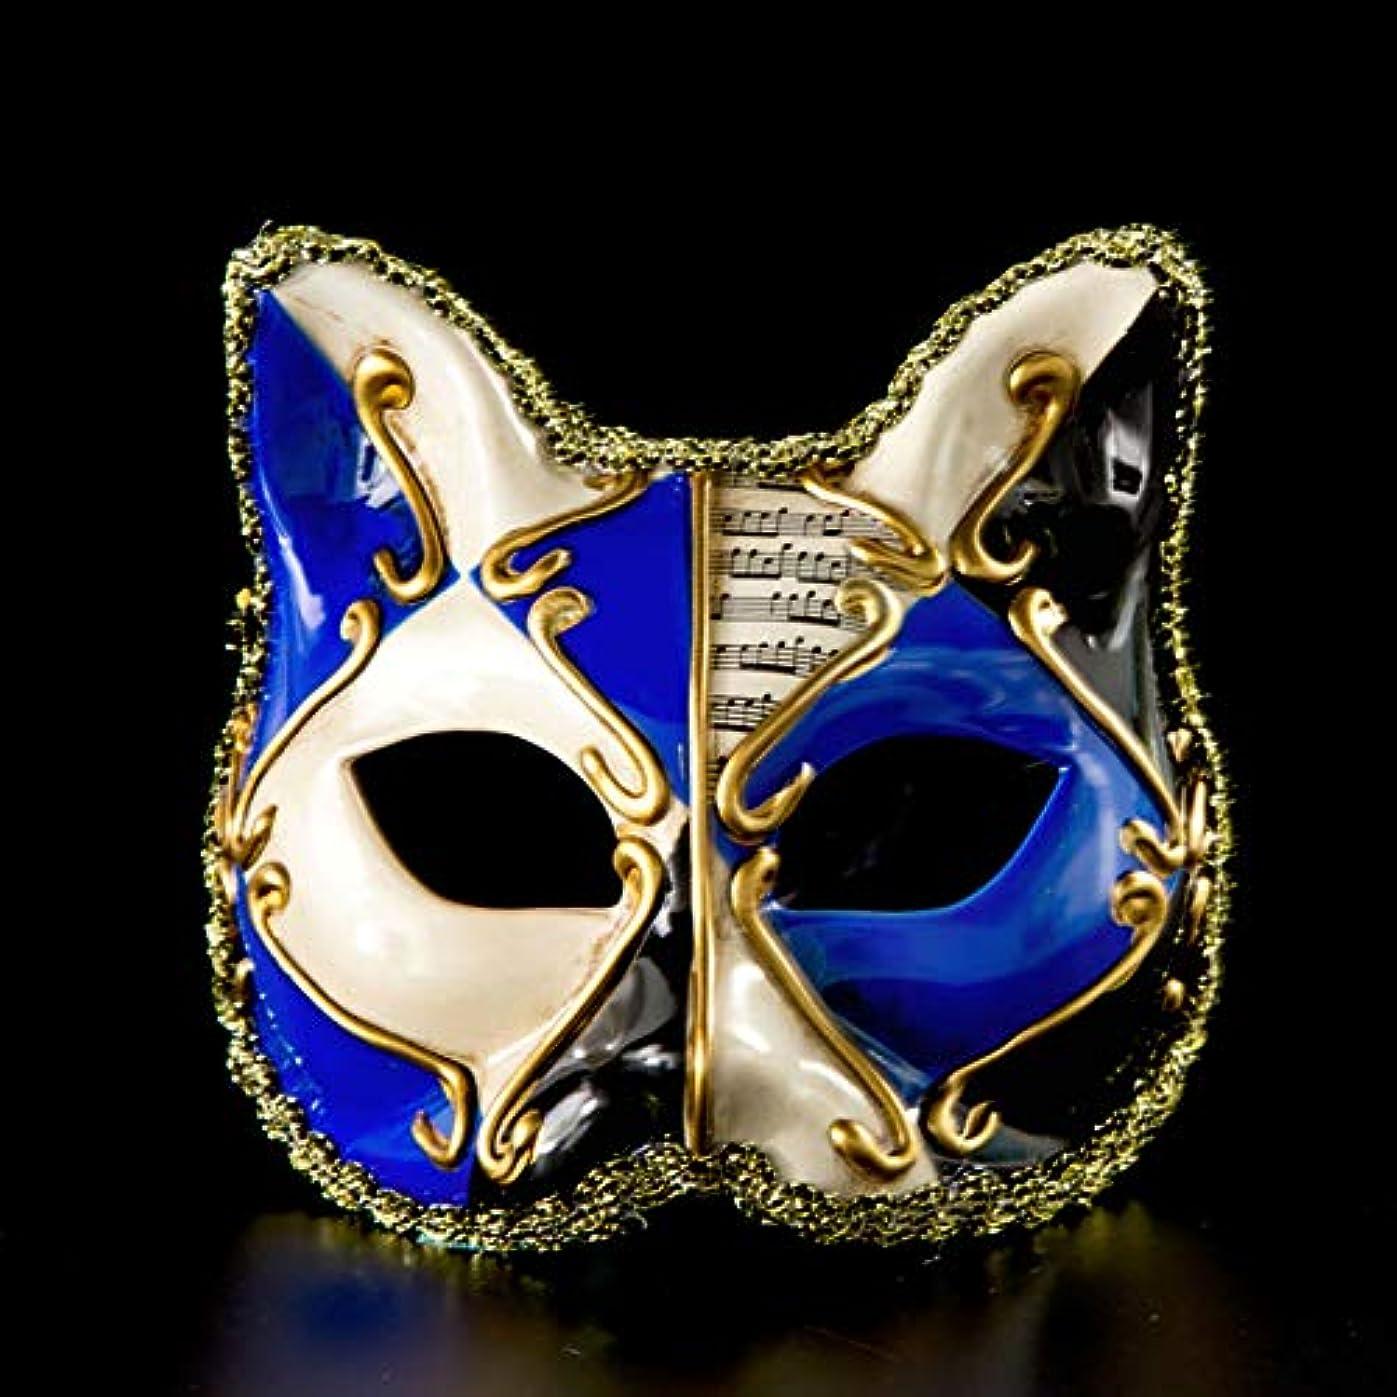 マスクベネチアン子猫マスク子供仮装ボールパーティー,ブルー